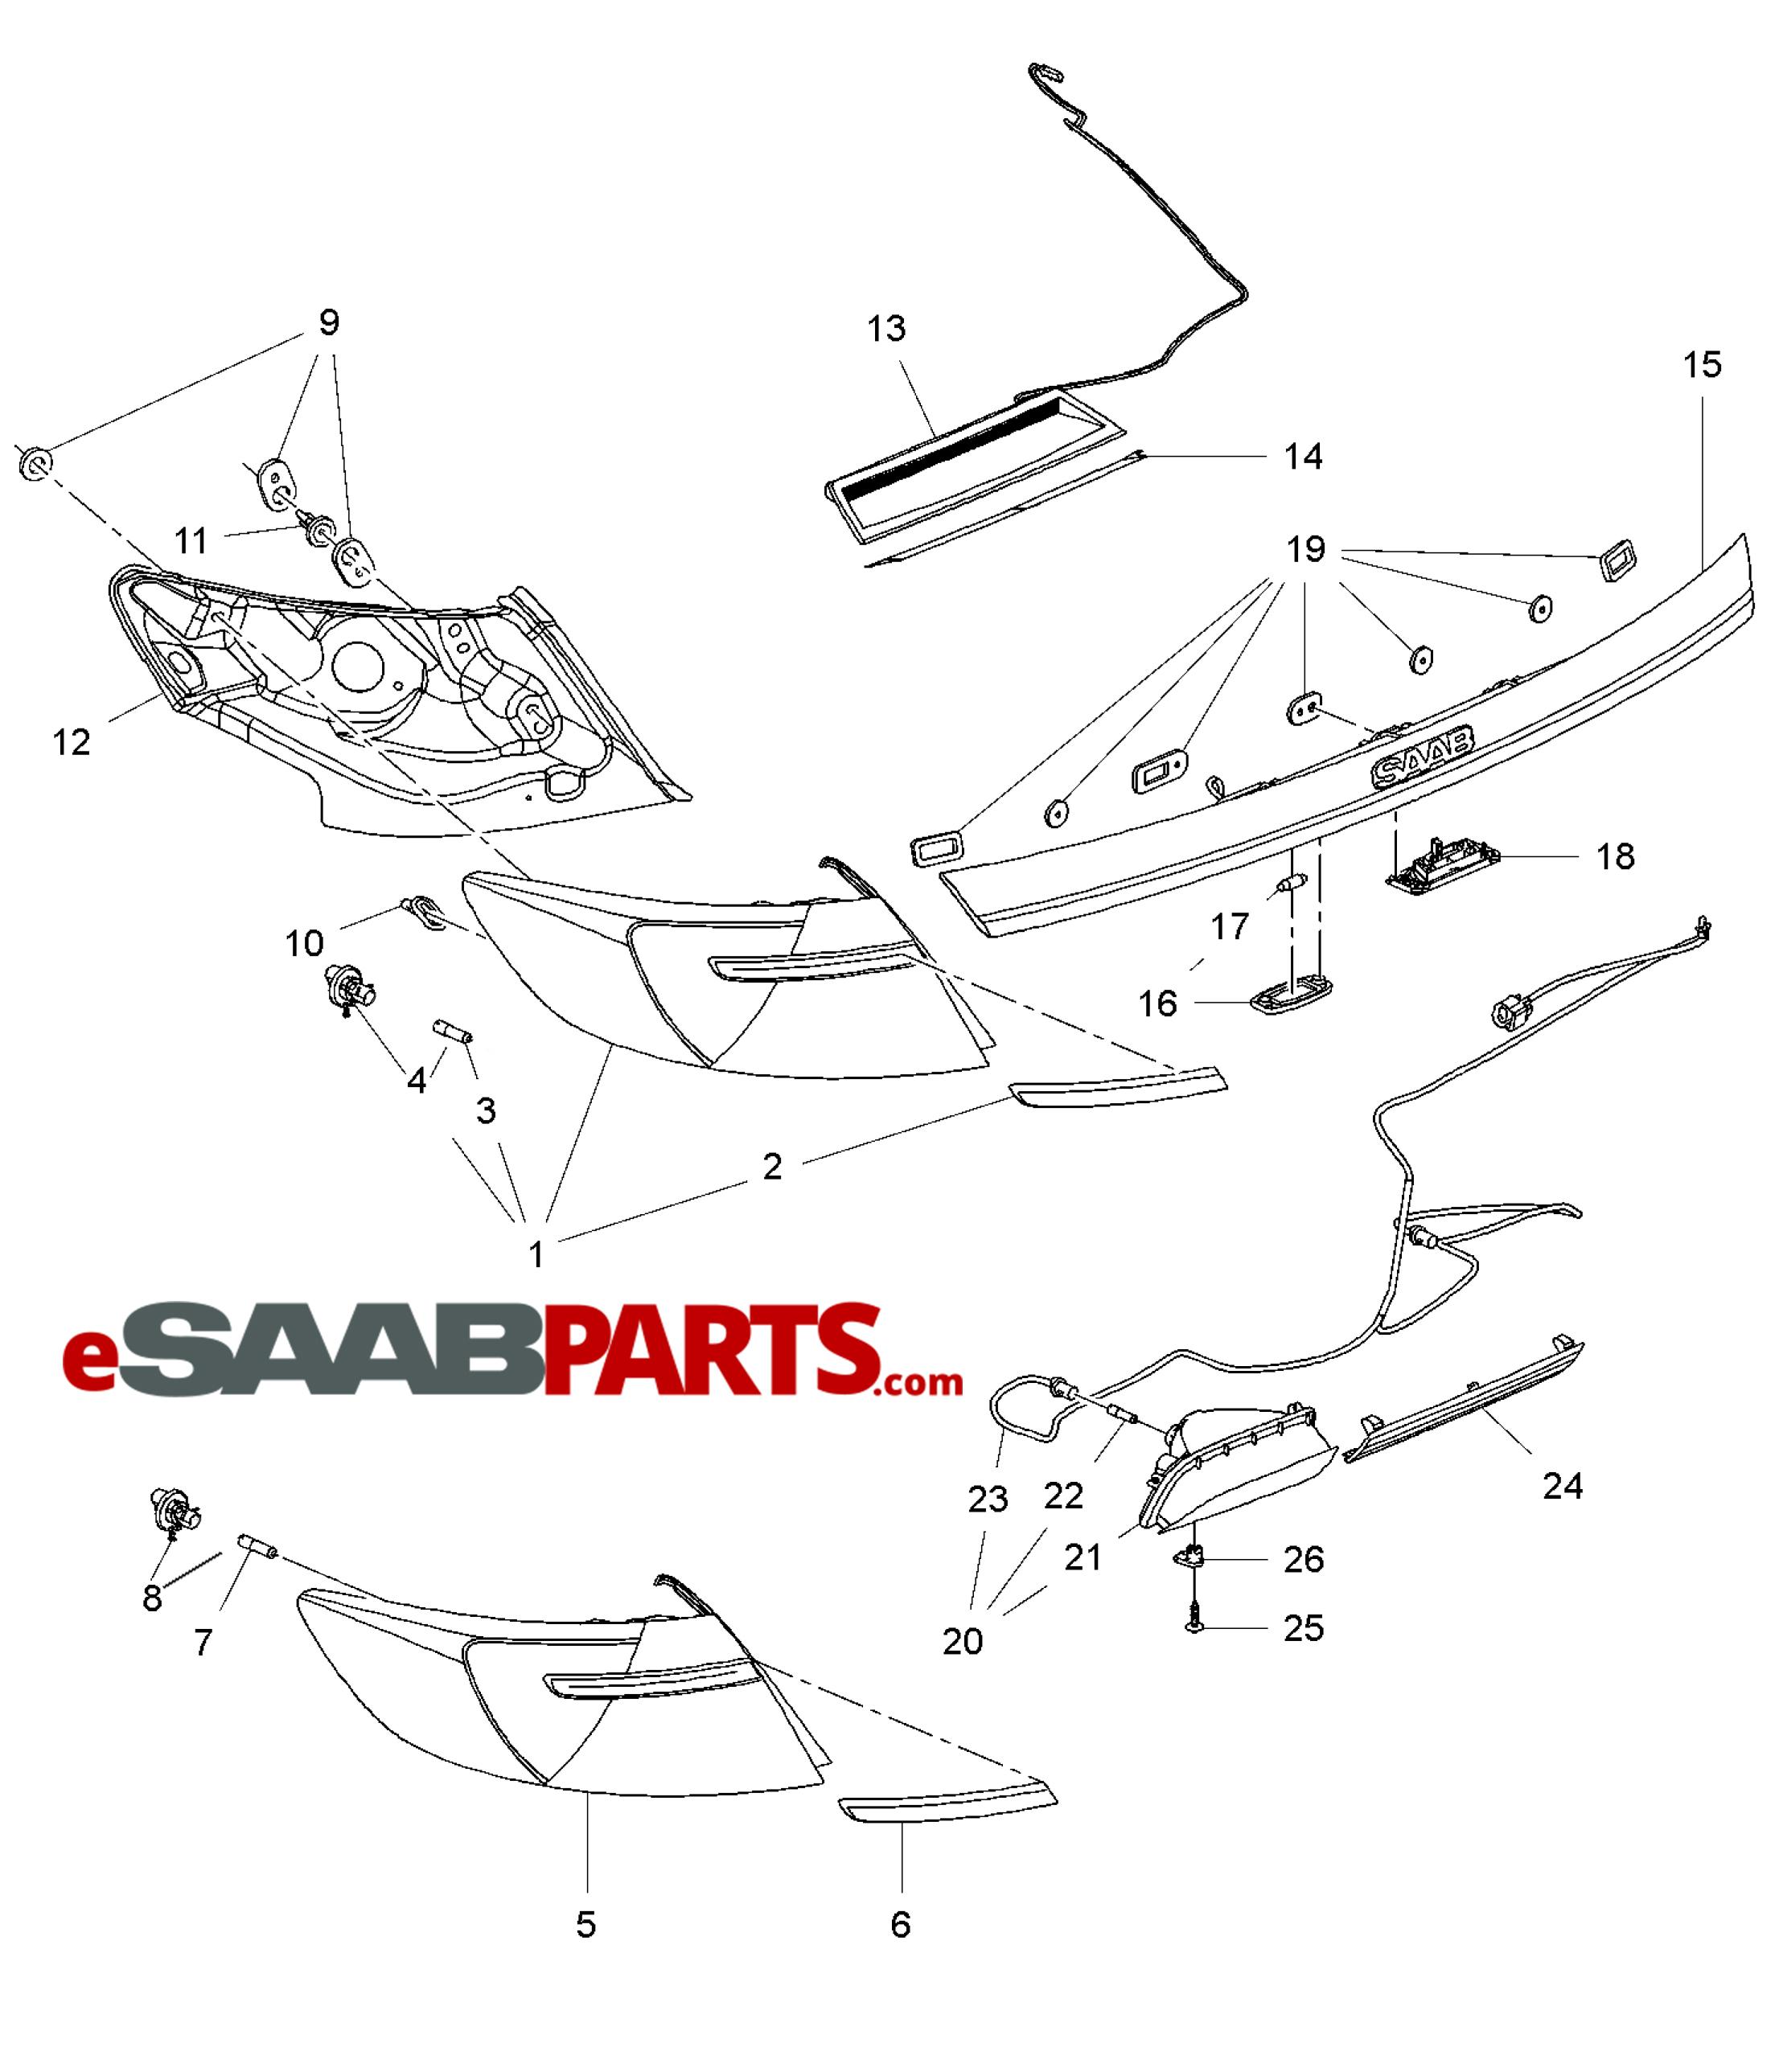 [13320958] SAAB 9-5NG LED Tail Light Conversion Kit